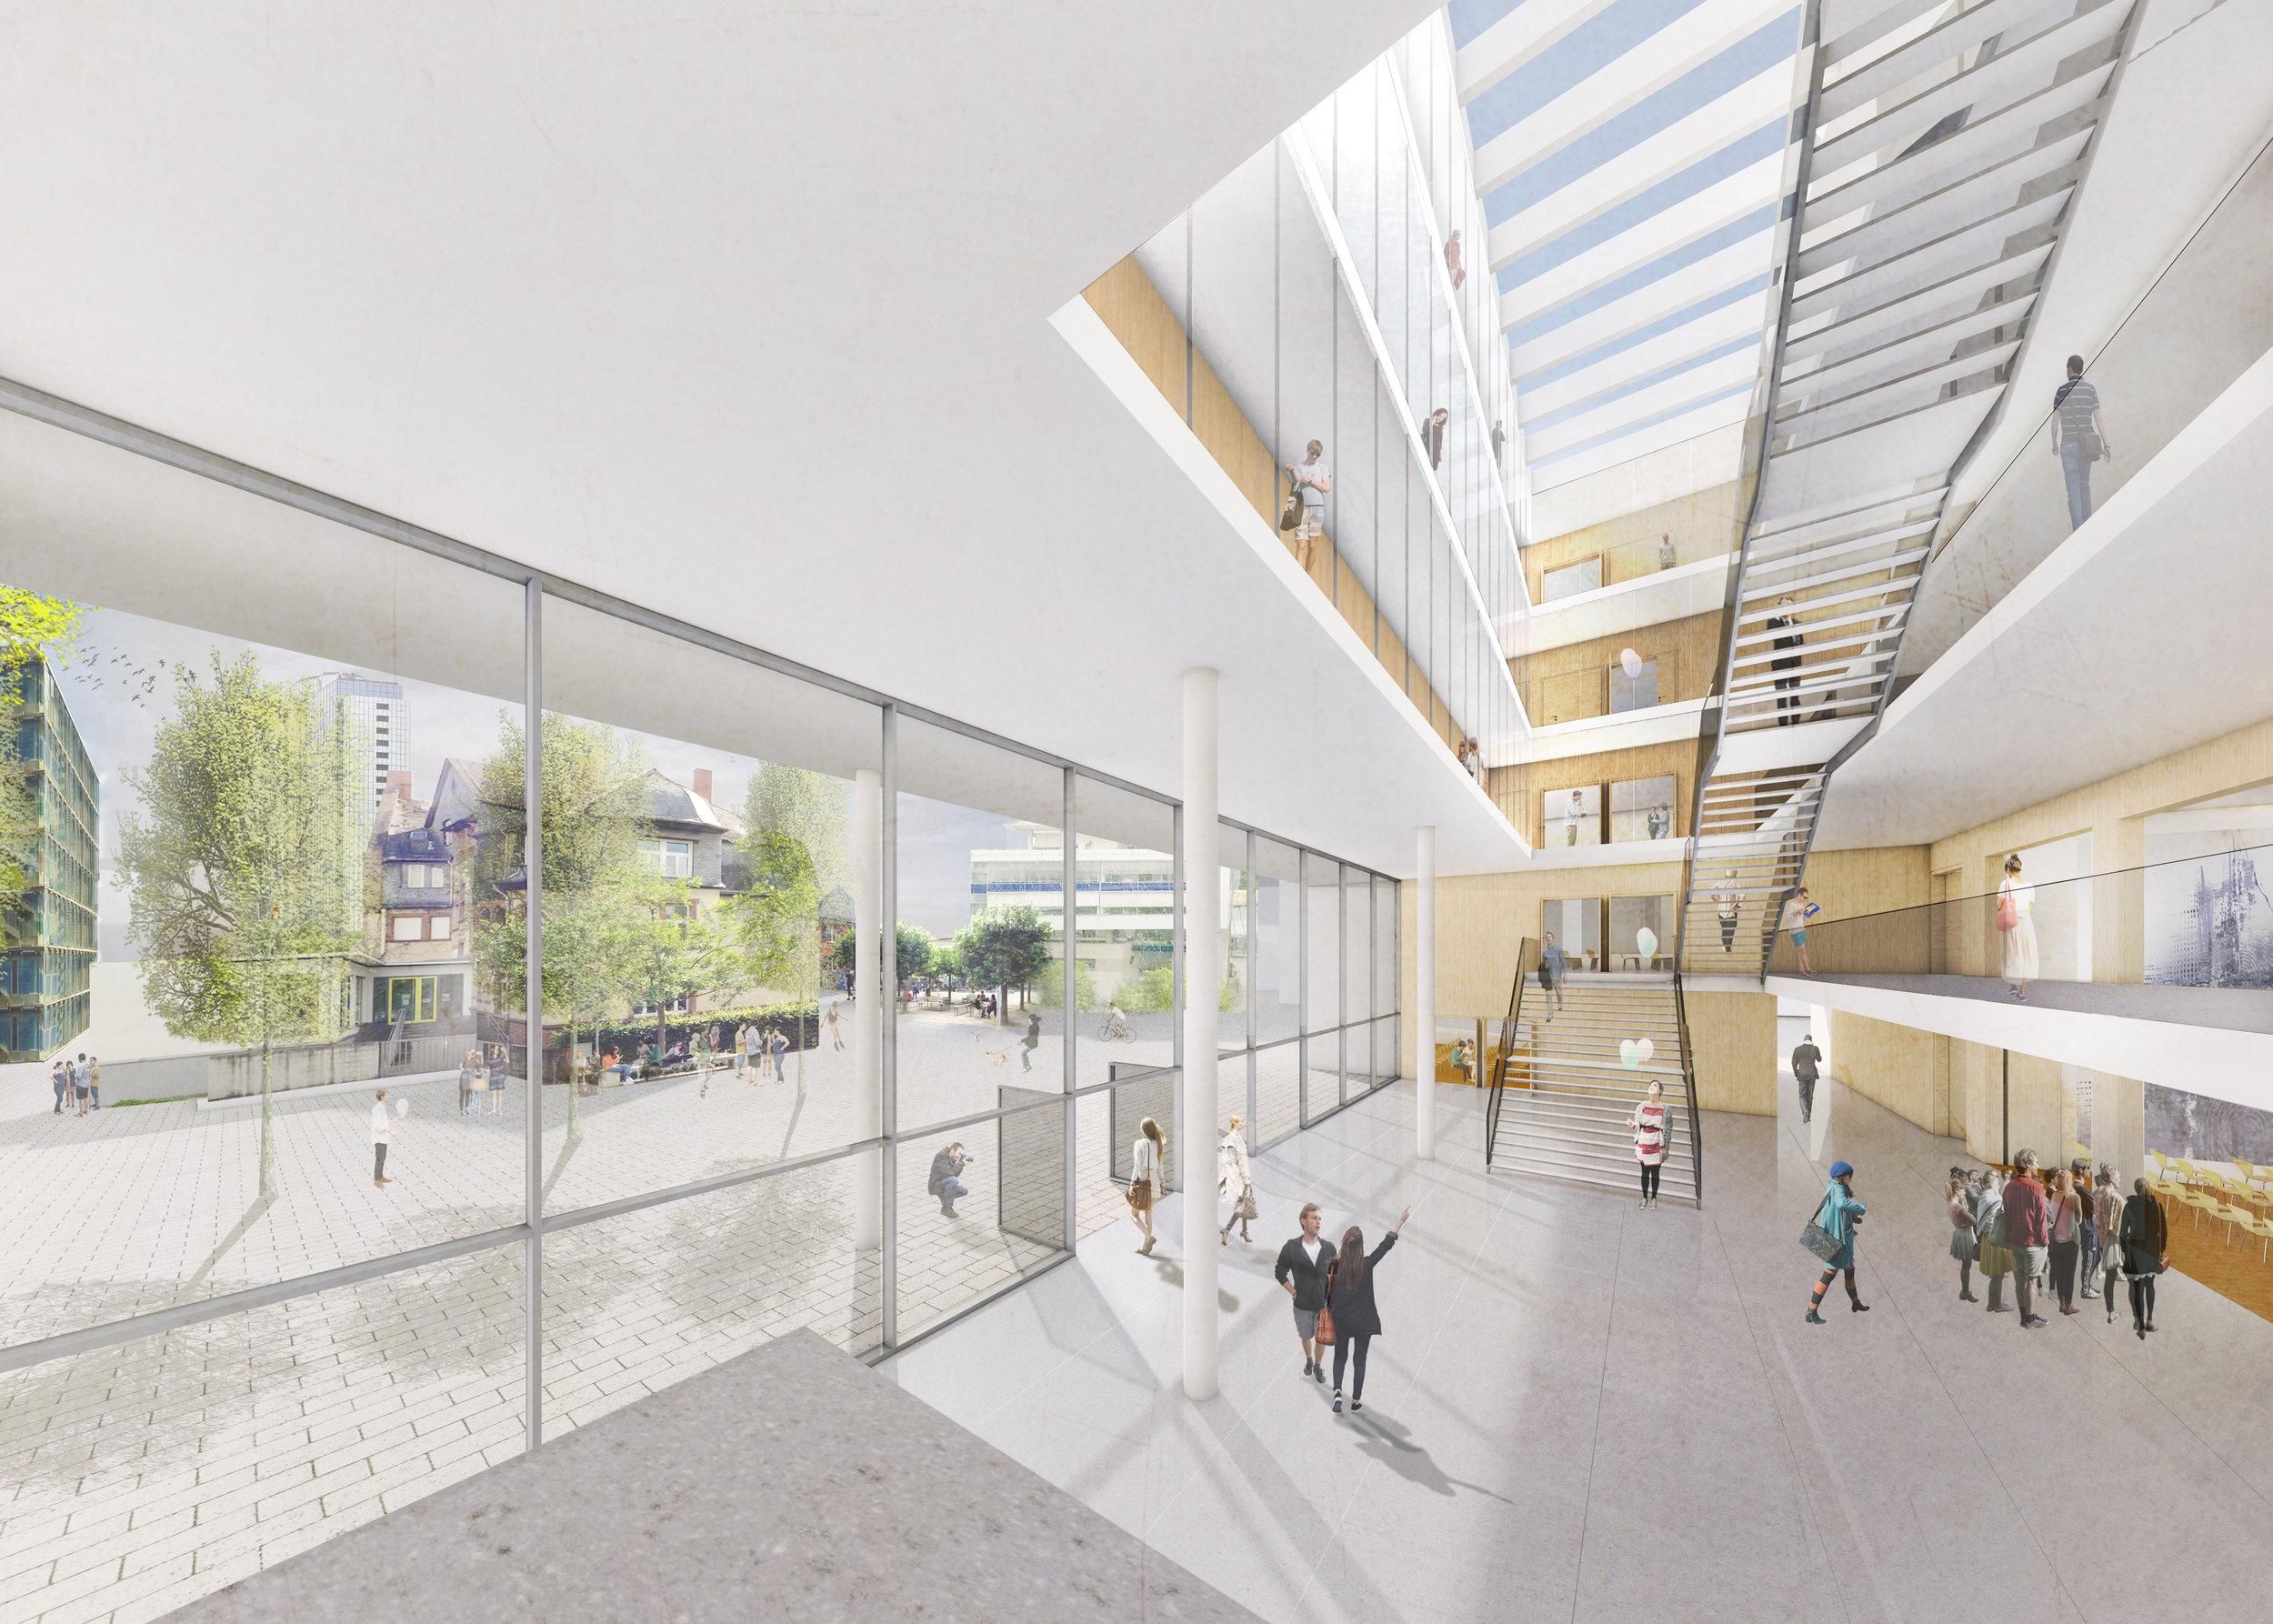 Frankfurt FH Seminargebäude — Ferdinand Heide Architekt